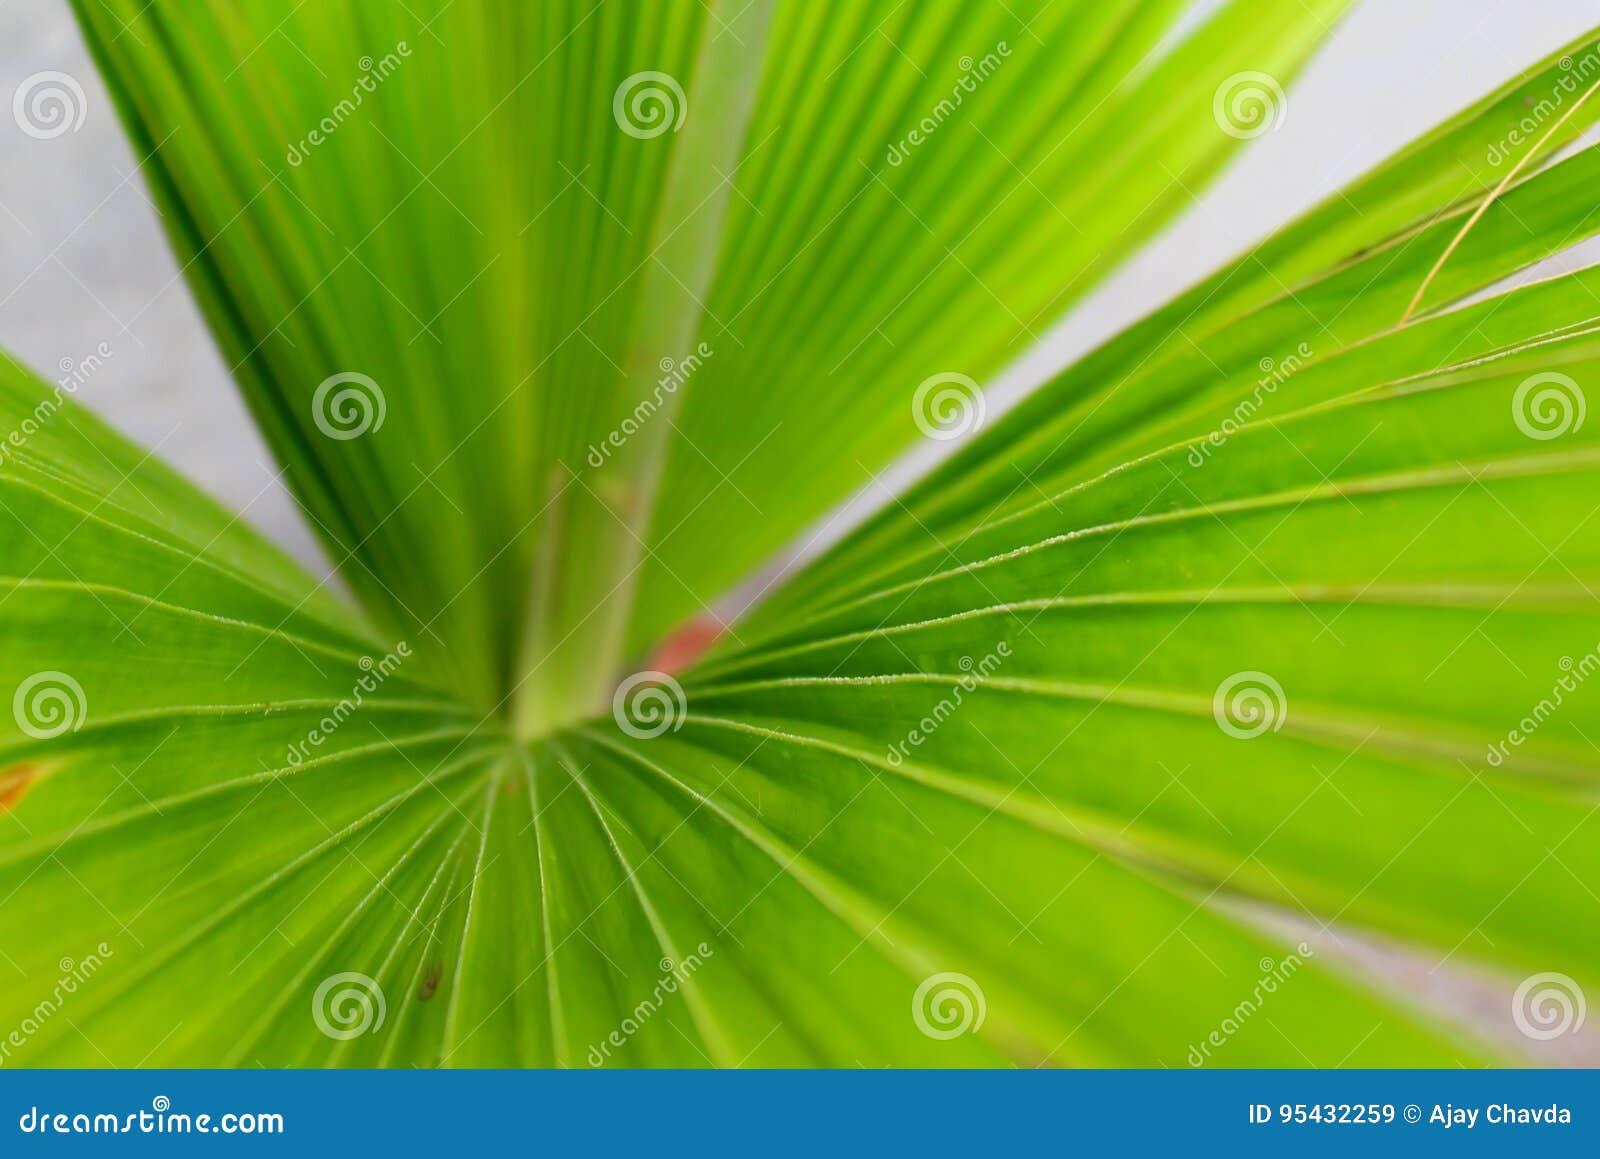 Long Papier Peint Vert D Usine De Feuilles Image Stock Image Du